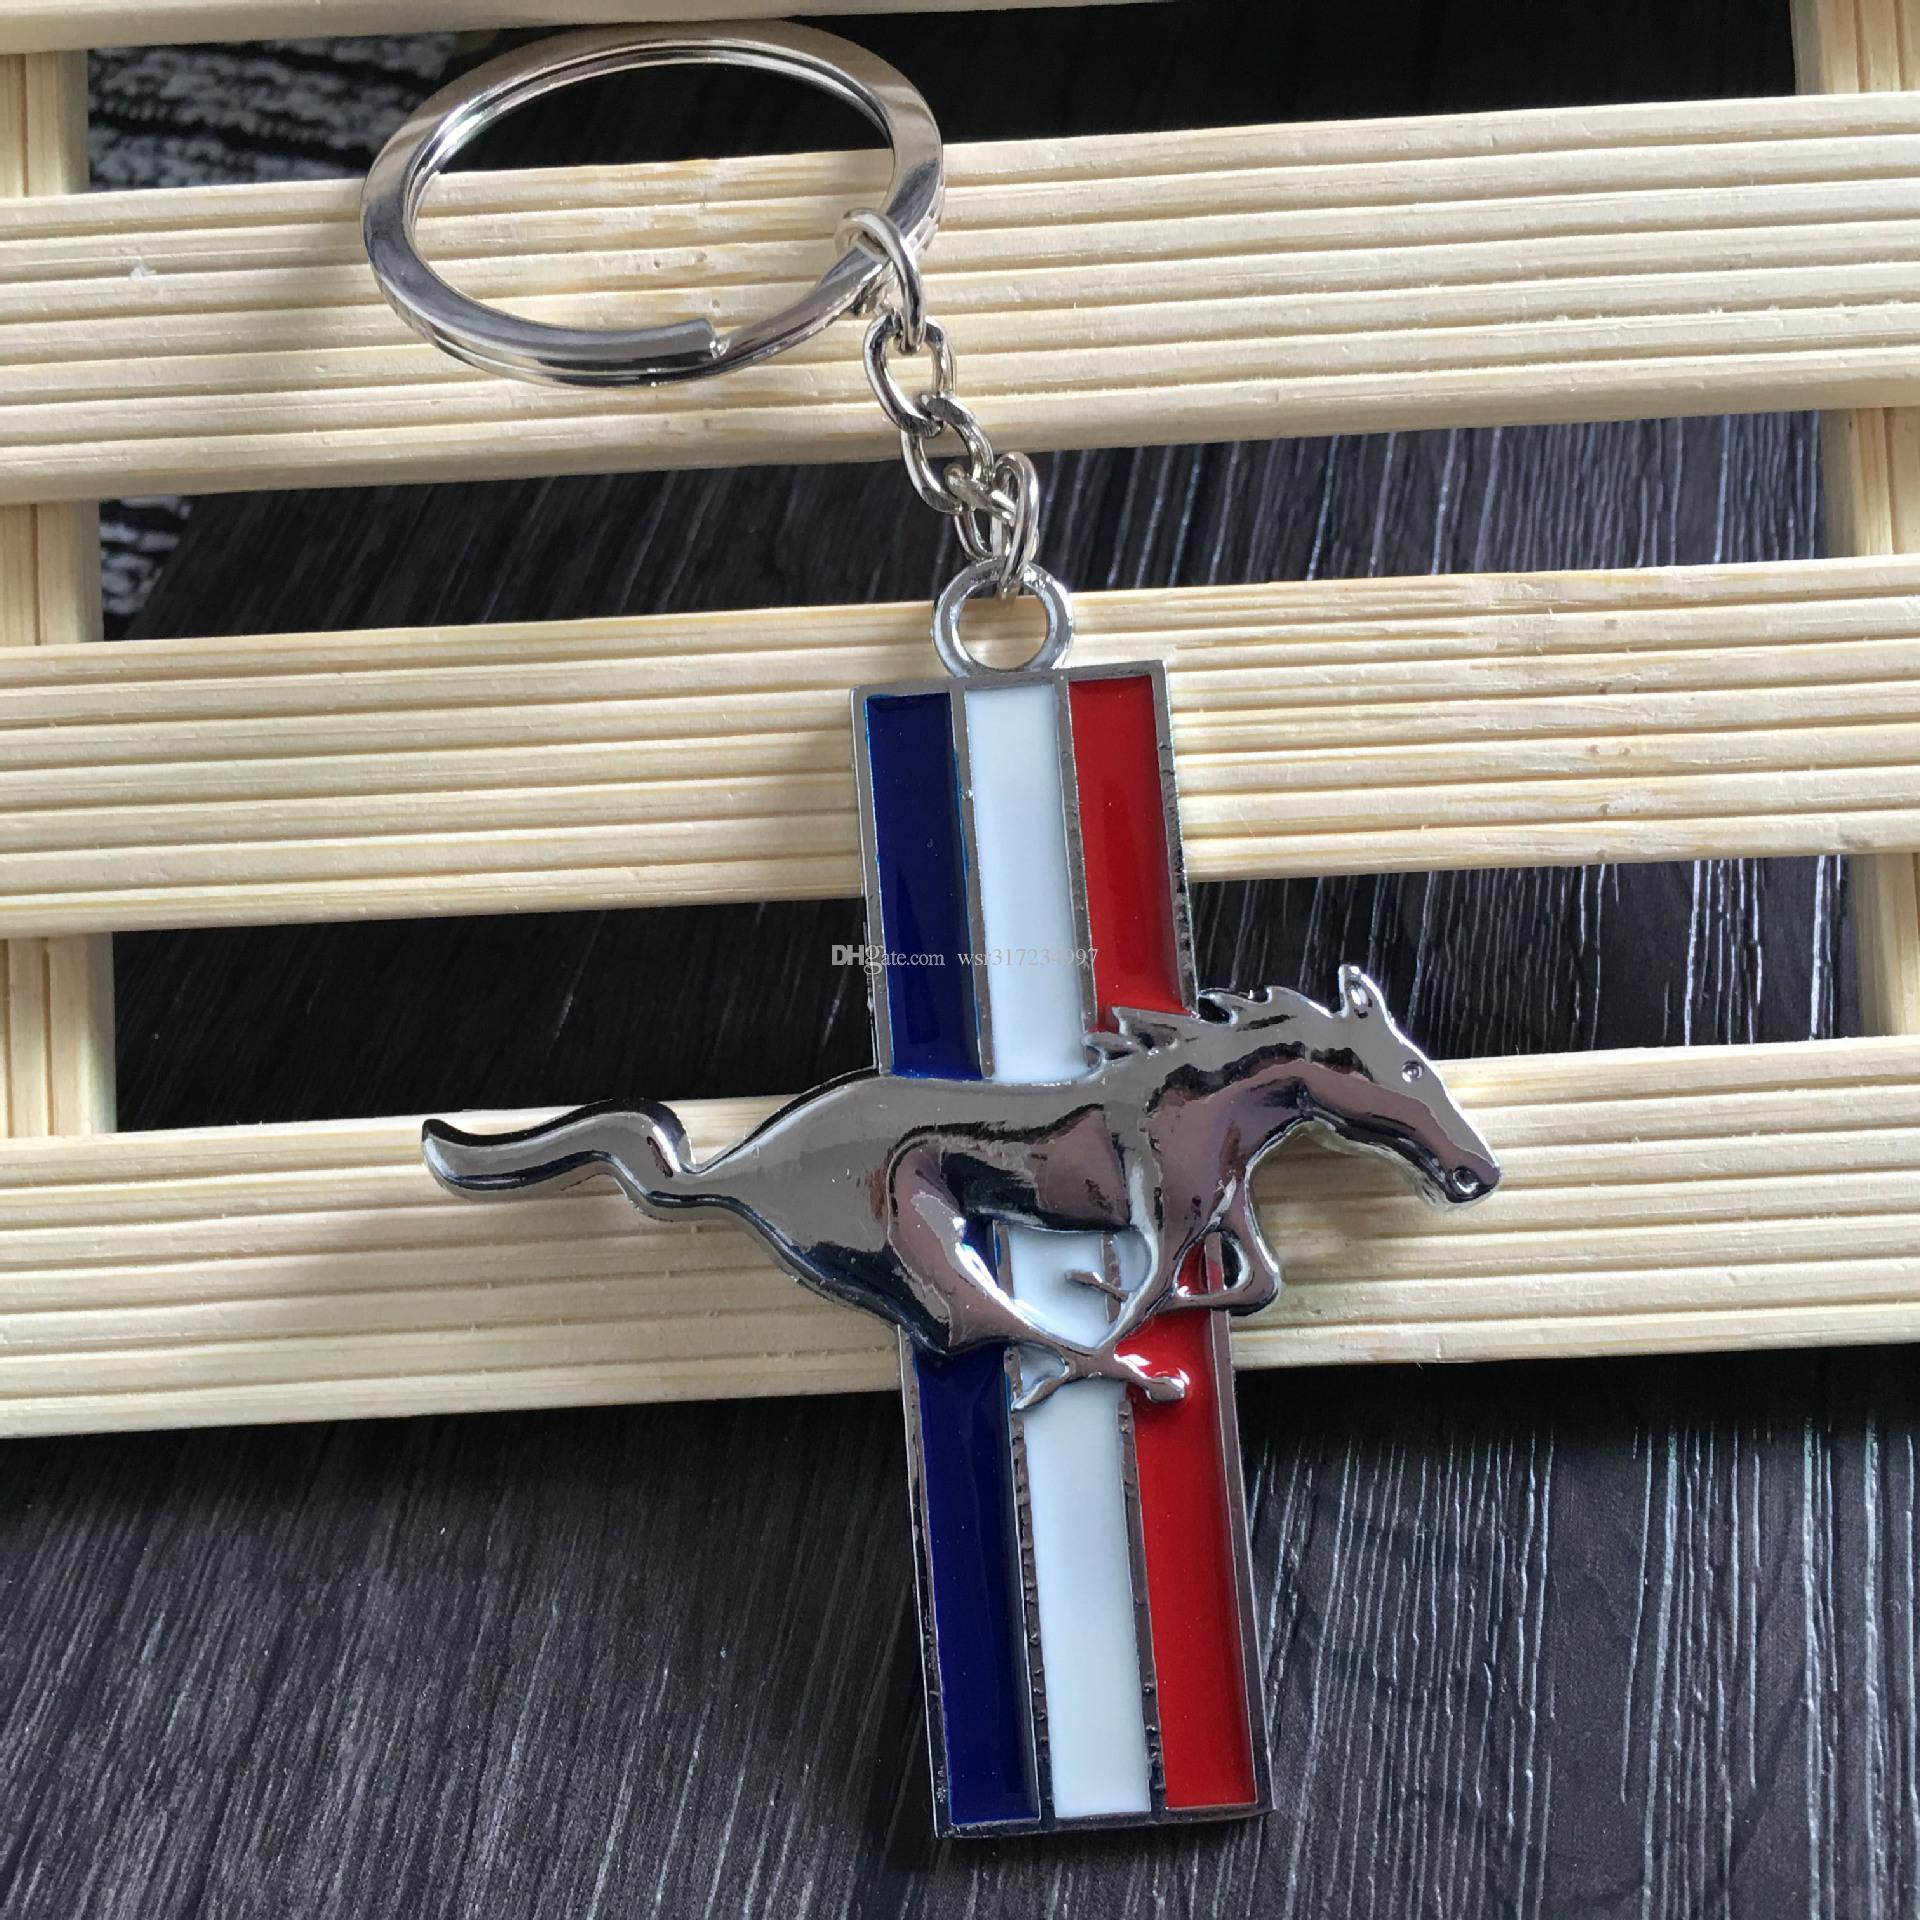 3D Moda chaveiro para Ford Mustang Logotipo Chaveiro personalidade Logotipo Pingente de carro Mustang logotipo emblema chaveiro 4S loja de promoção de vendas de presente